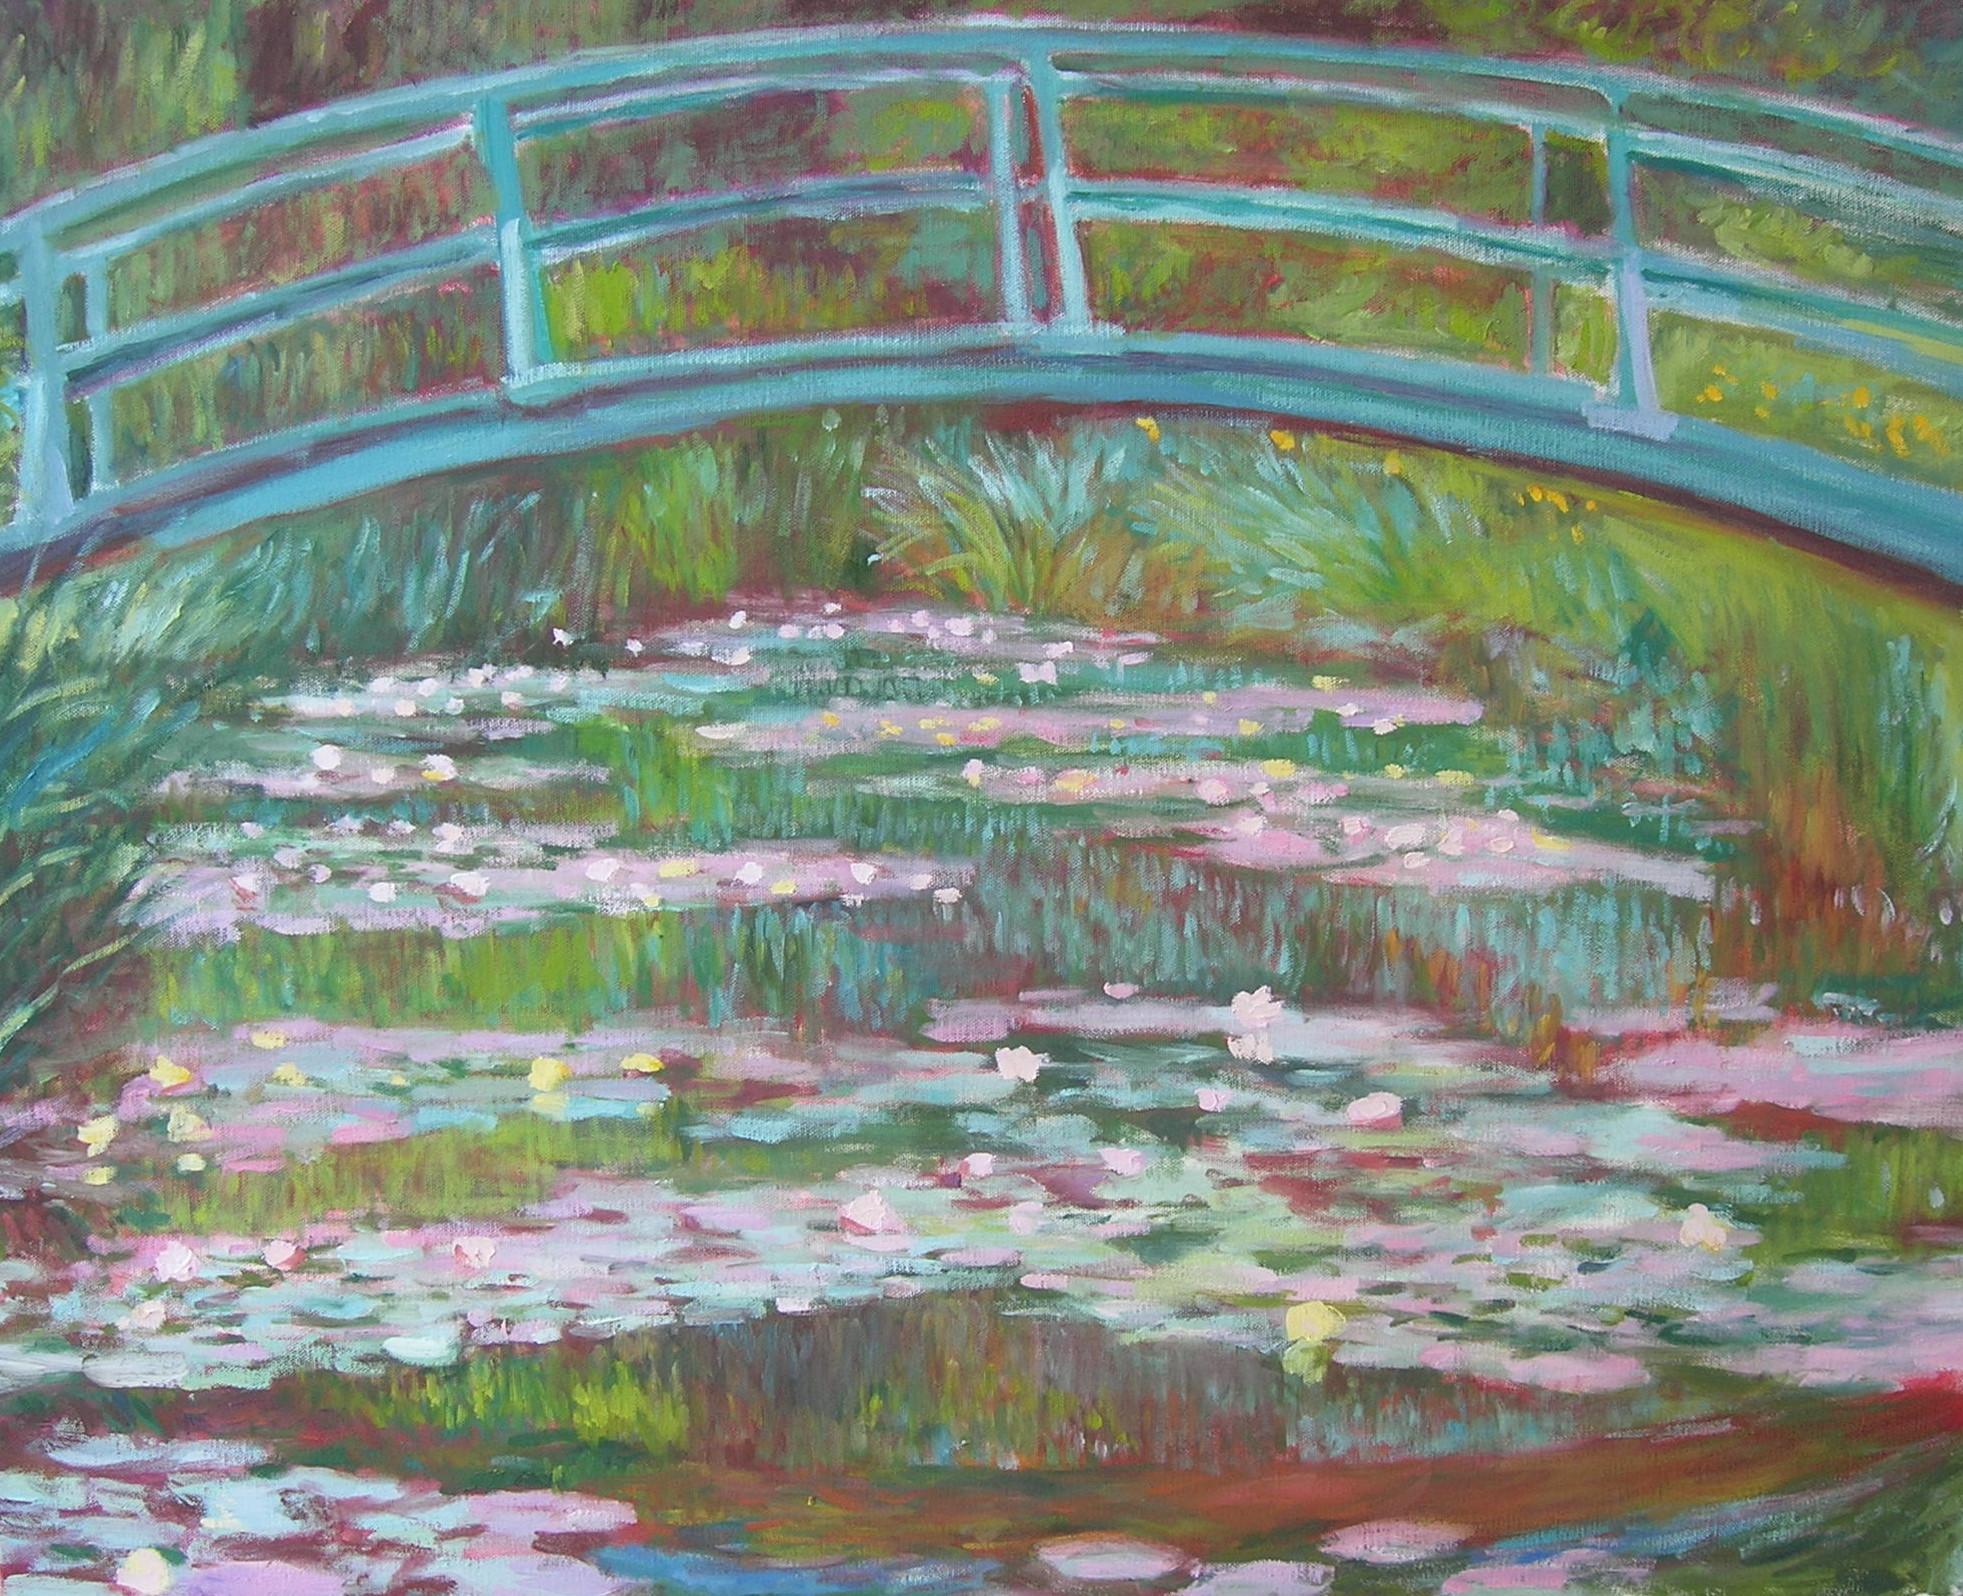 Copy after Claude Monet    The Japanese Footbridge